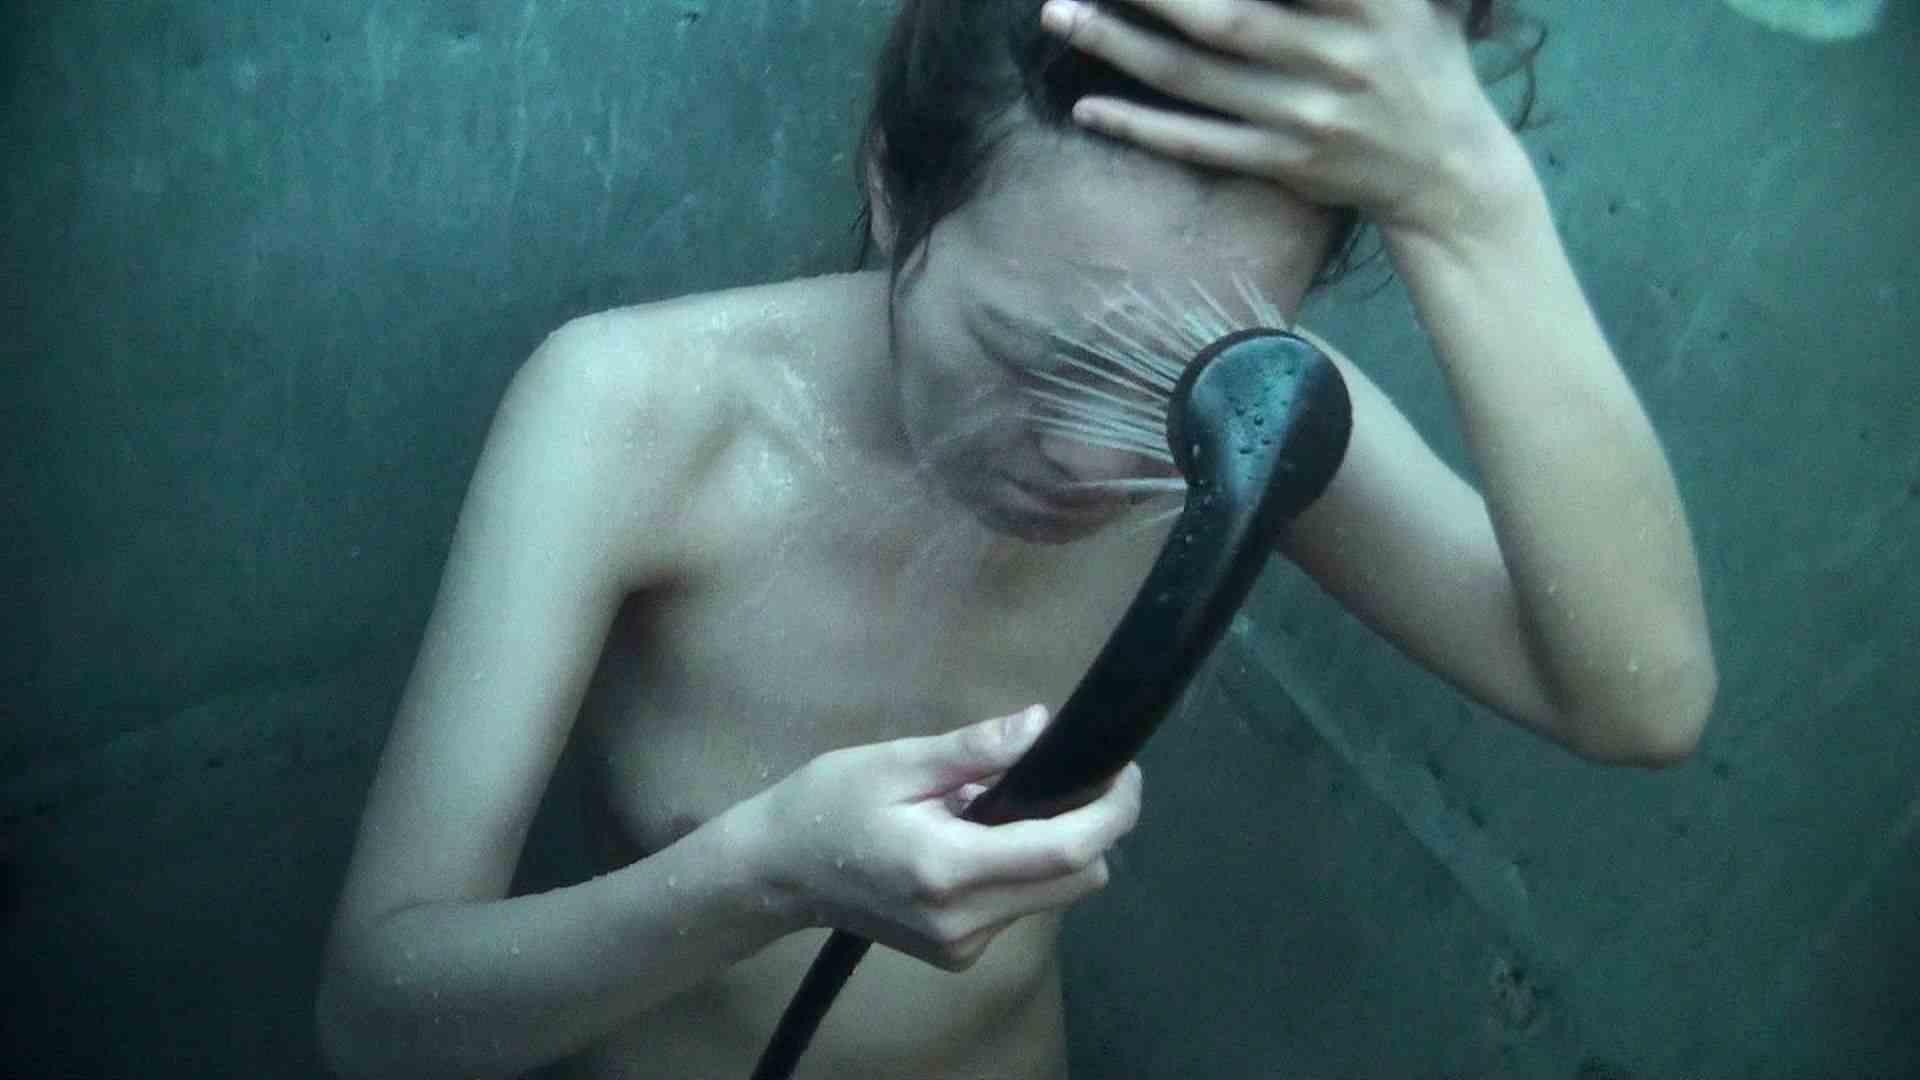 シャワールームは超!!危険な香りVol.30 甘栗剥いちゃいました シャワー AV動画キャプチャ 46連発 29